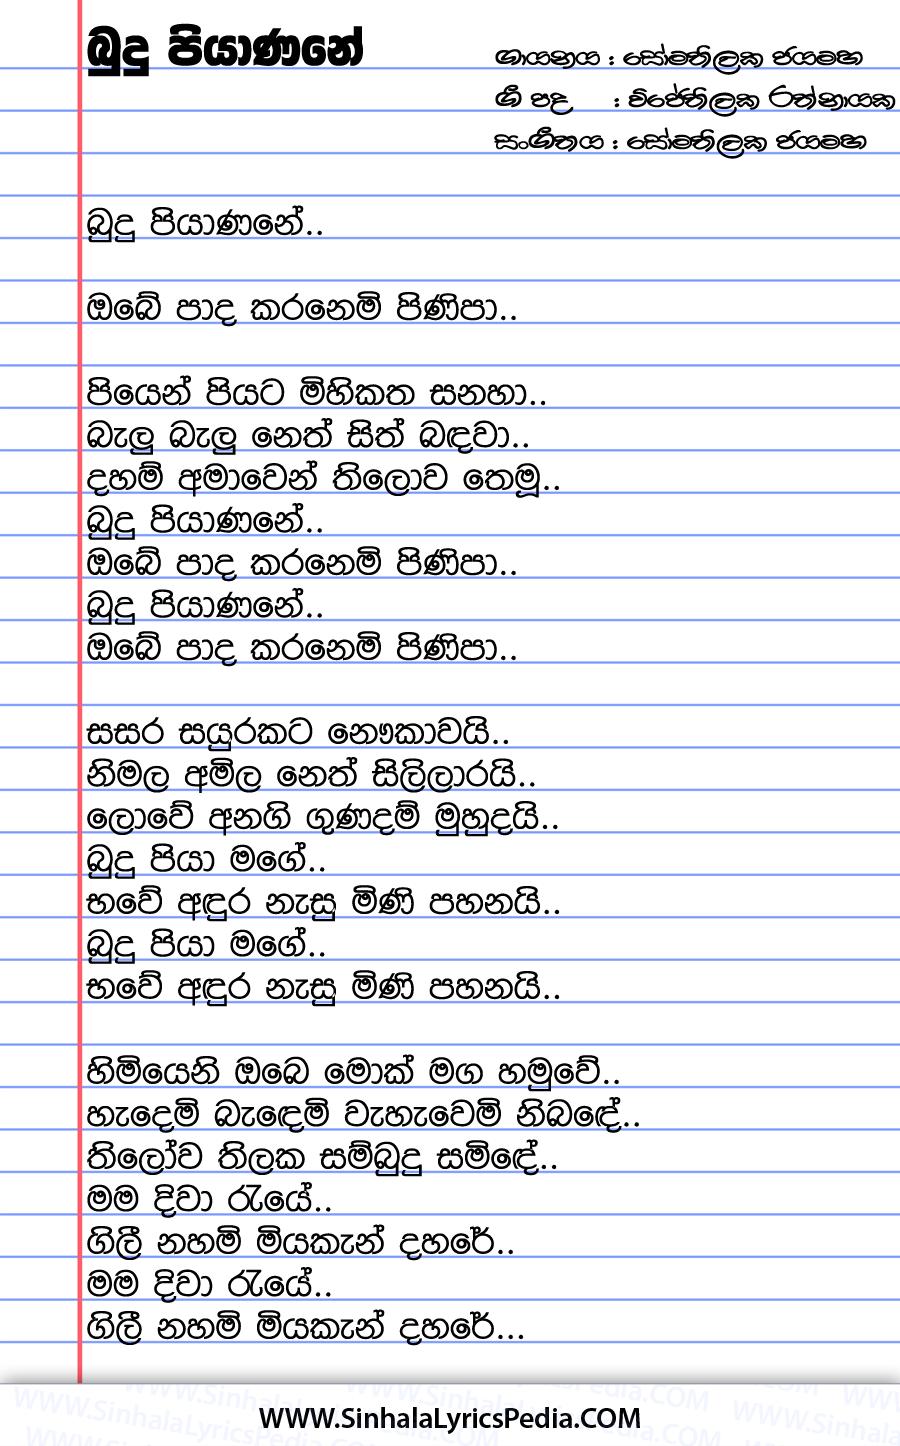 Budu Piyanane Obe Padha Karanemi Pinipa Song Lyrics